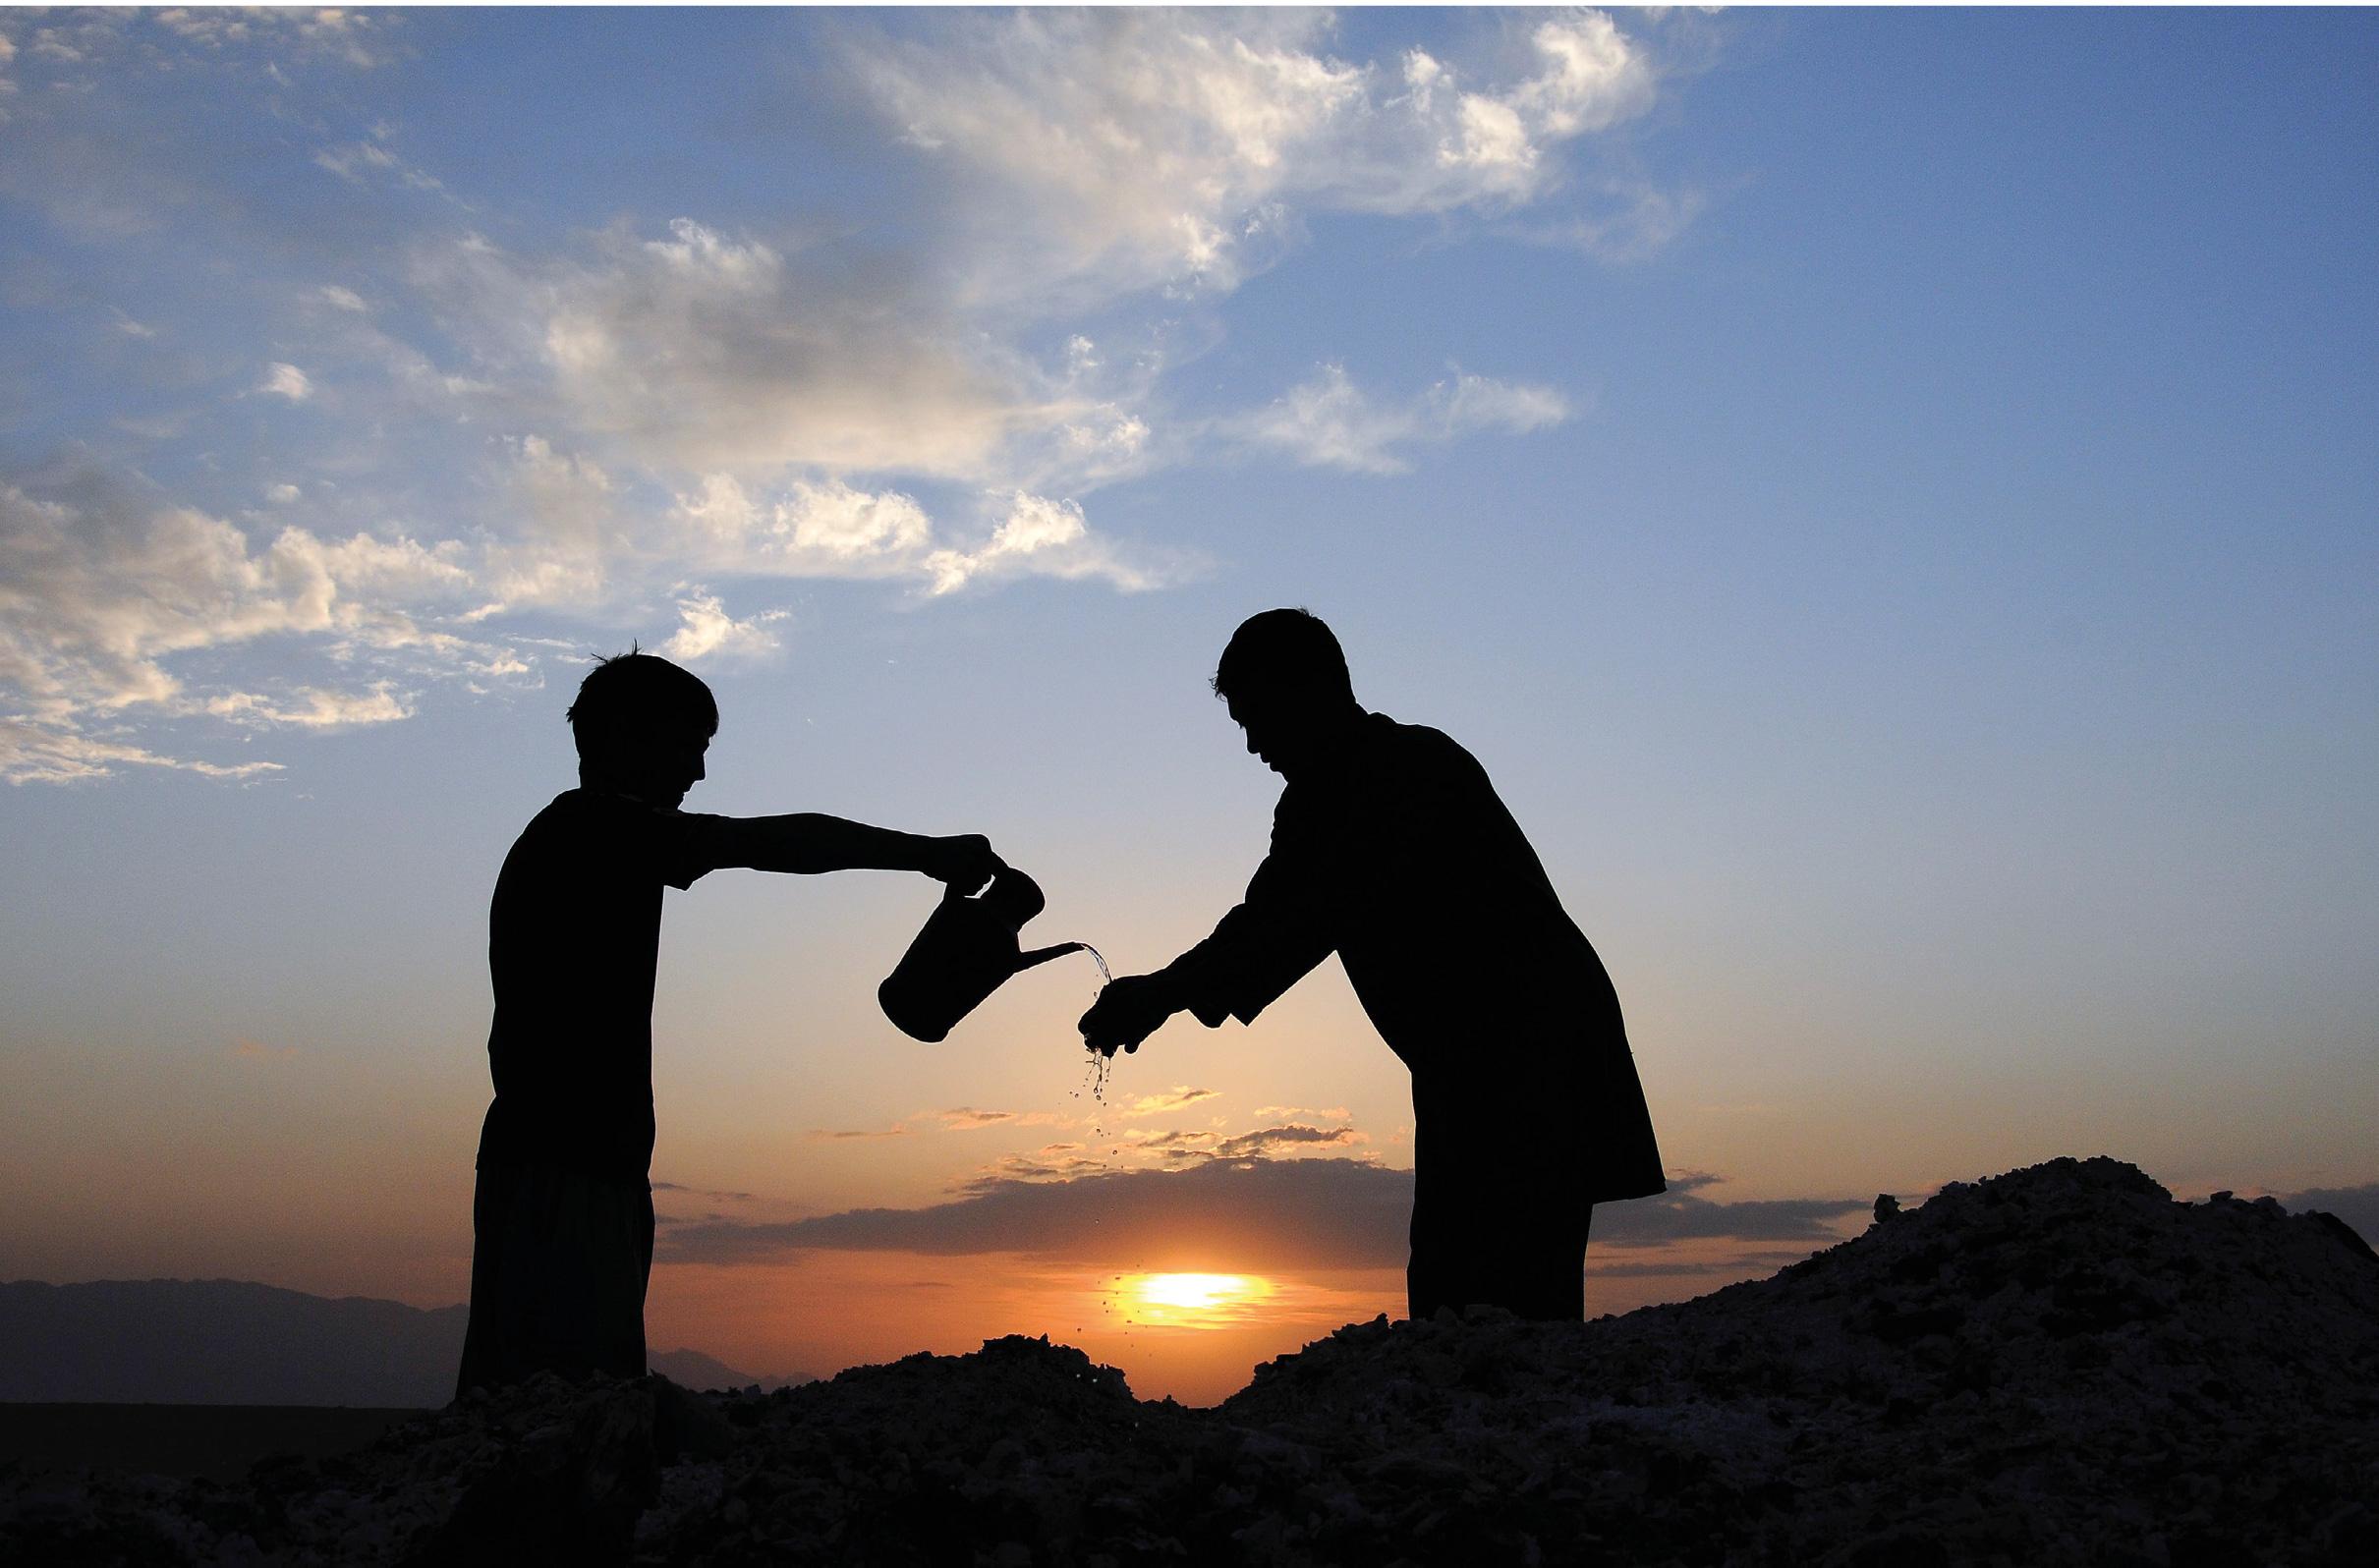 Agricultores afegãos trabalham em seus campos em Mazar-e-Sharif, Afeganistão, 6 de abril de 2015. EPA / MUSTAFA DITO